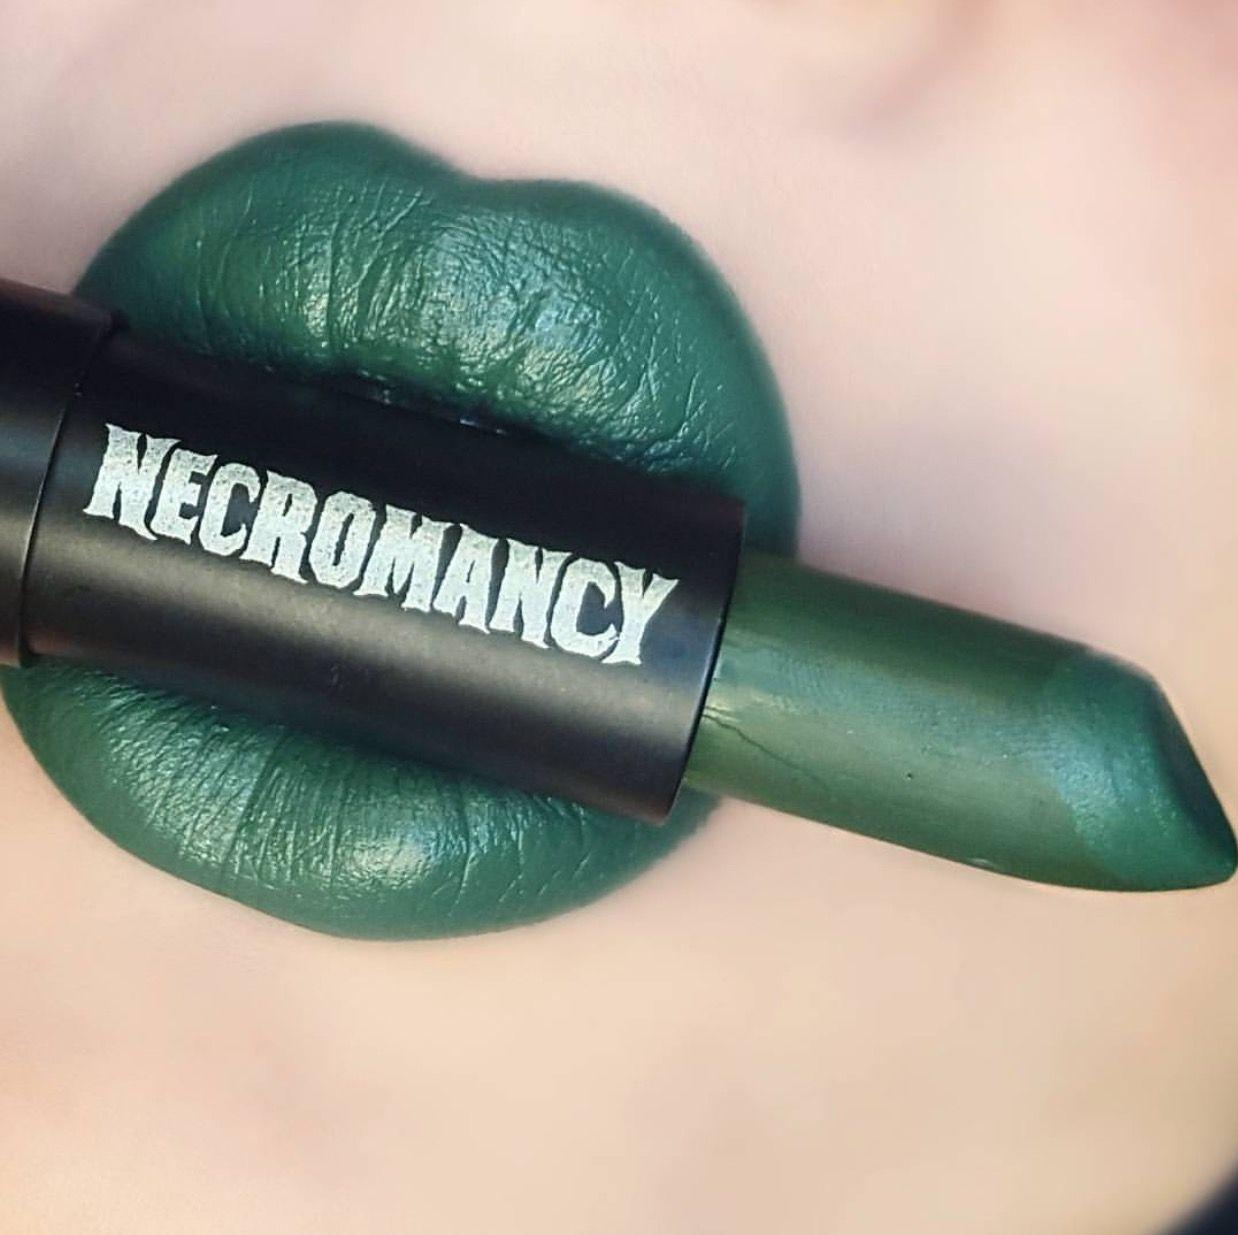 Segunda Plaga by Necromancy Cosmetica